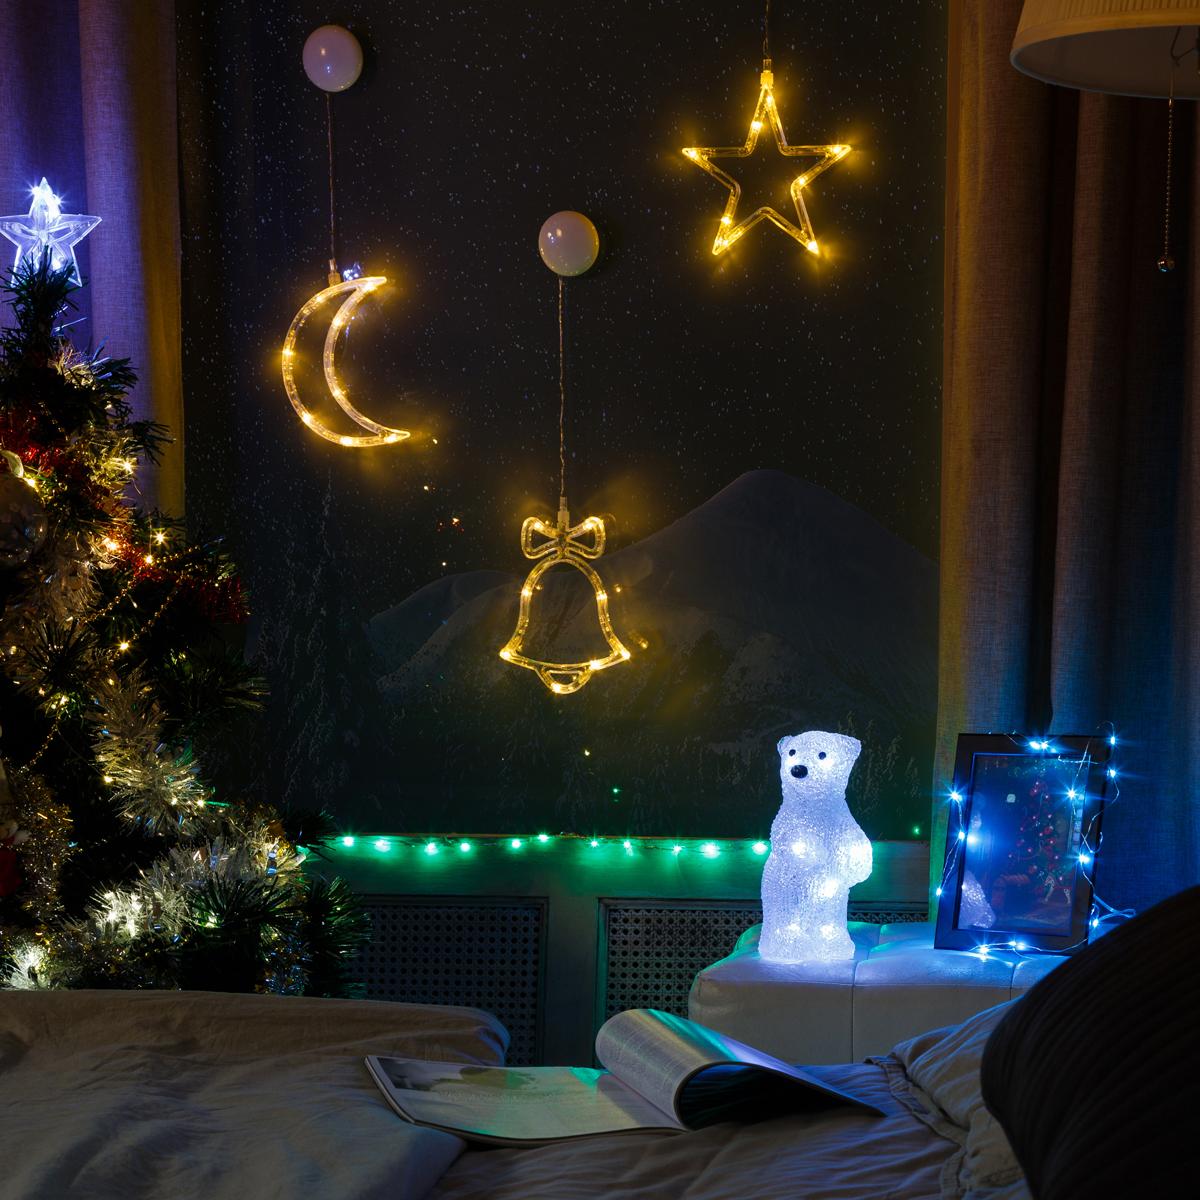 Комплект Neon-Night Спальня, для новогоднего украшения дома, цвет гирлянд: желтый. 500-031 комплект neon night кухня для новогоднего украшения дома цвет гирлянд мультиколор 500 009